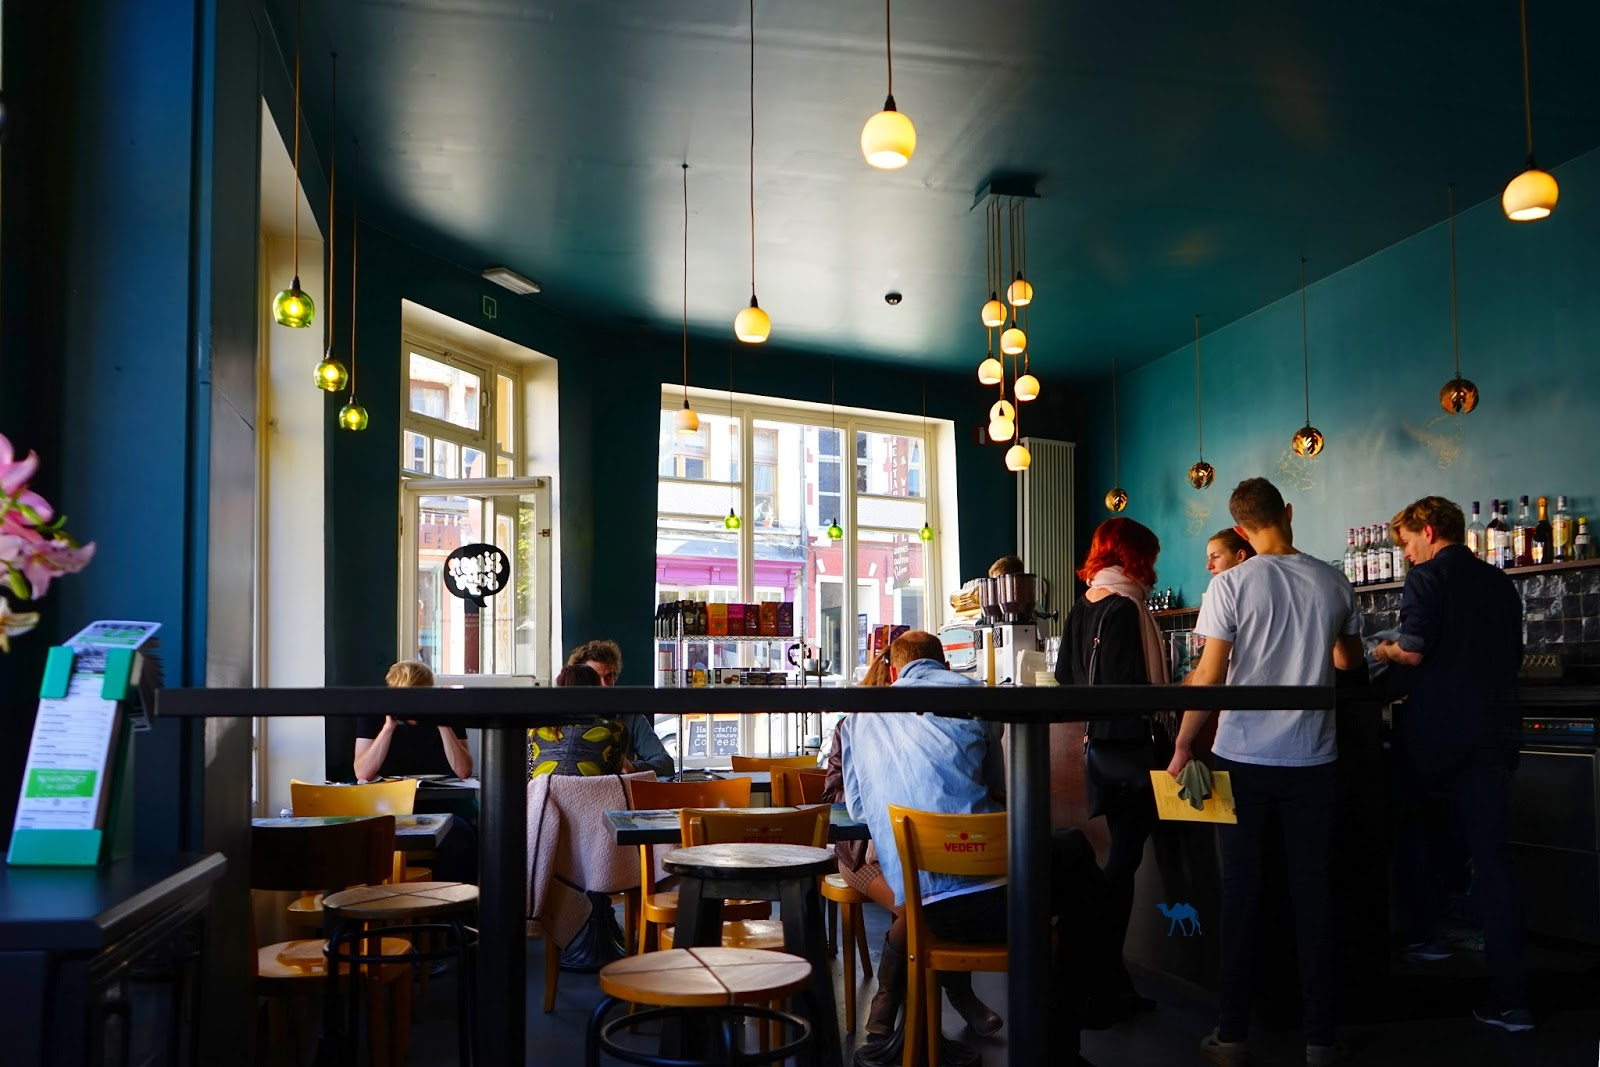 Le Chameau Bleu - Salle du Simons Says Brasserie à Gand Belgique